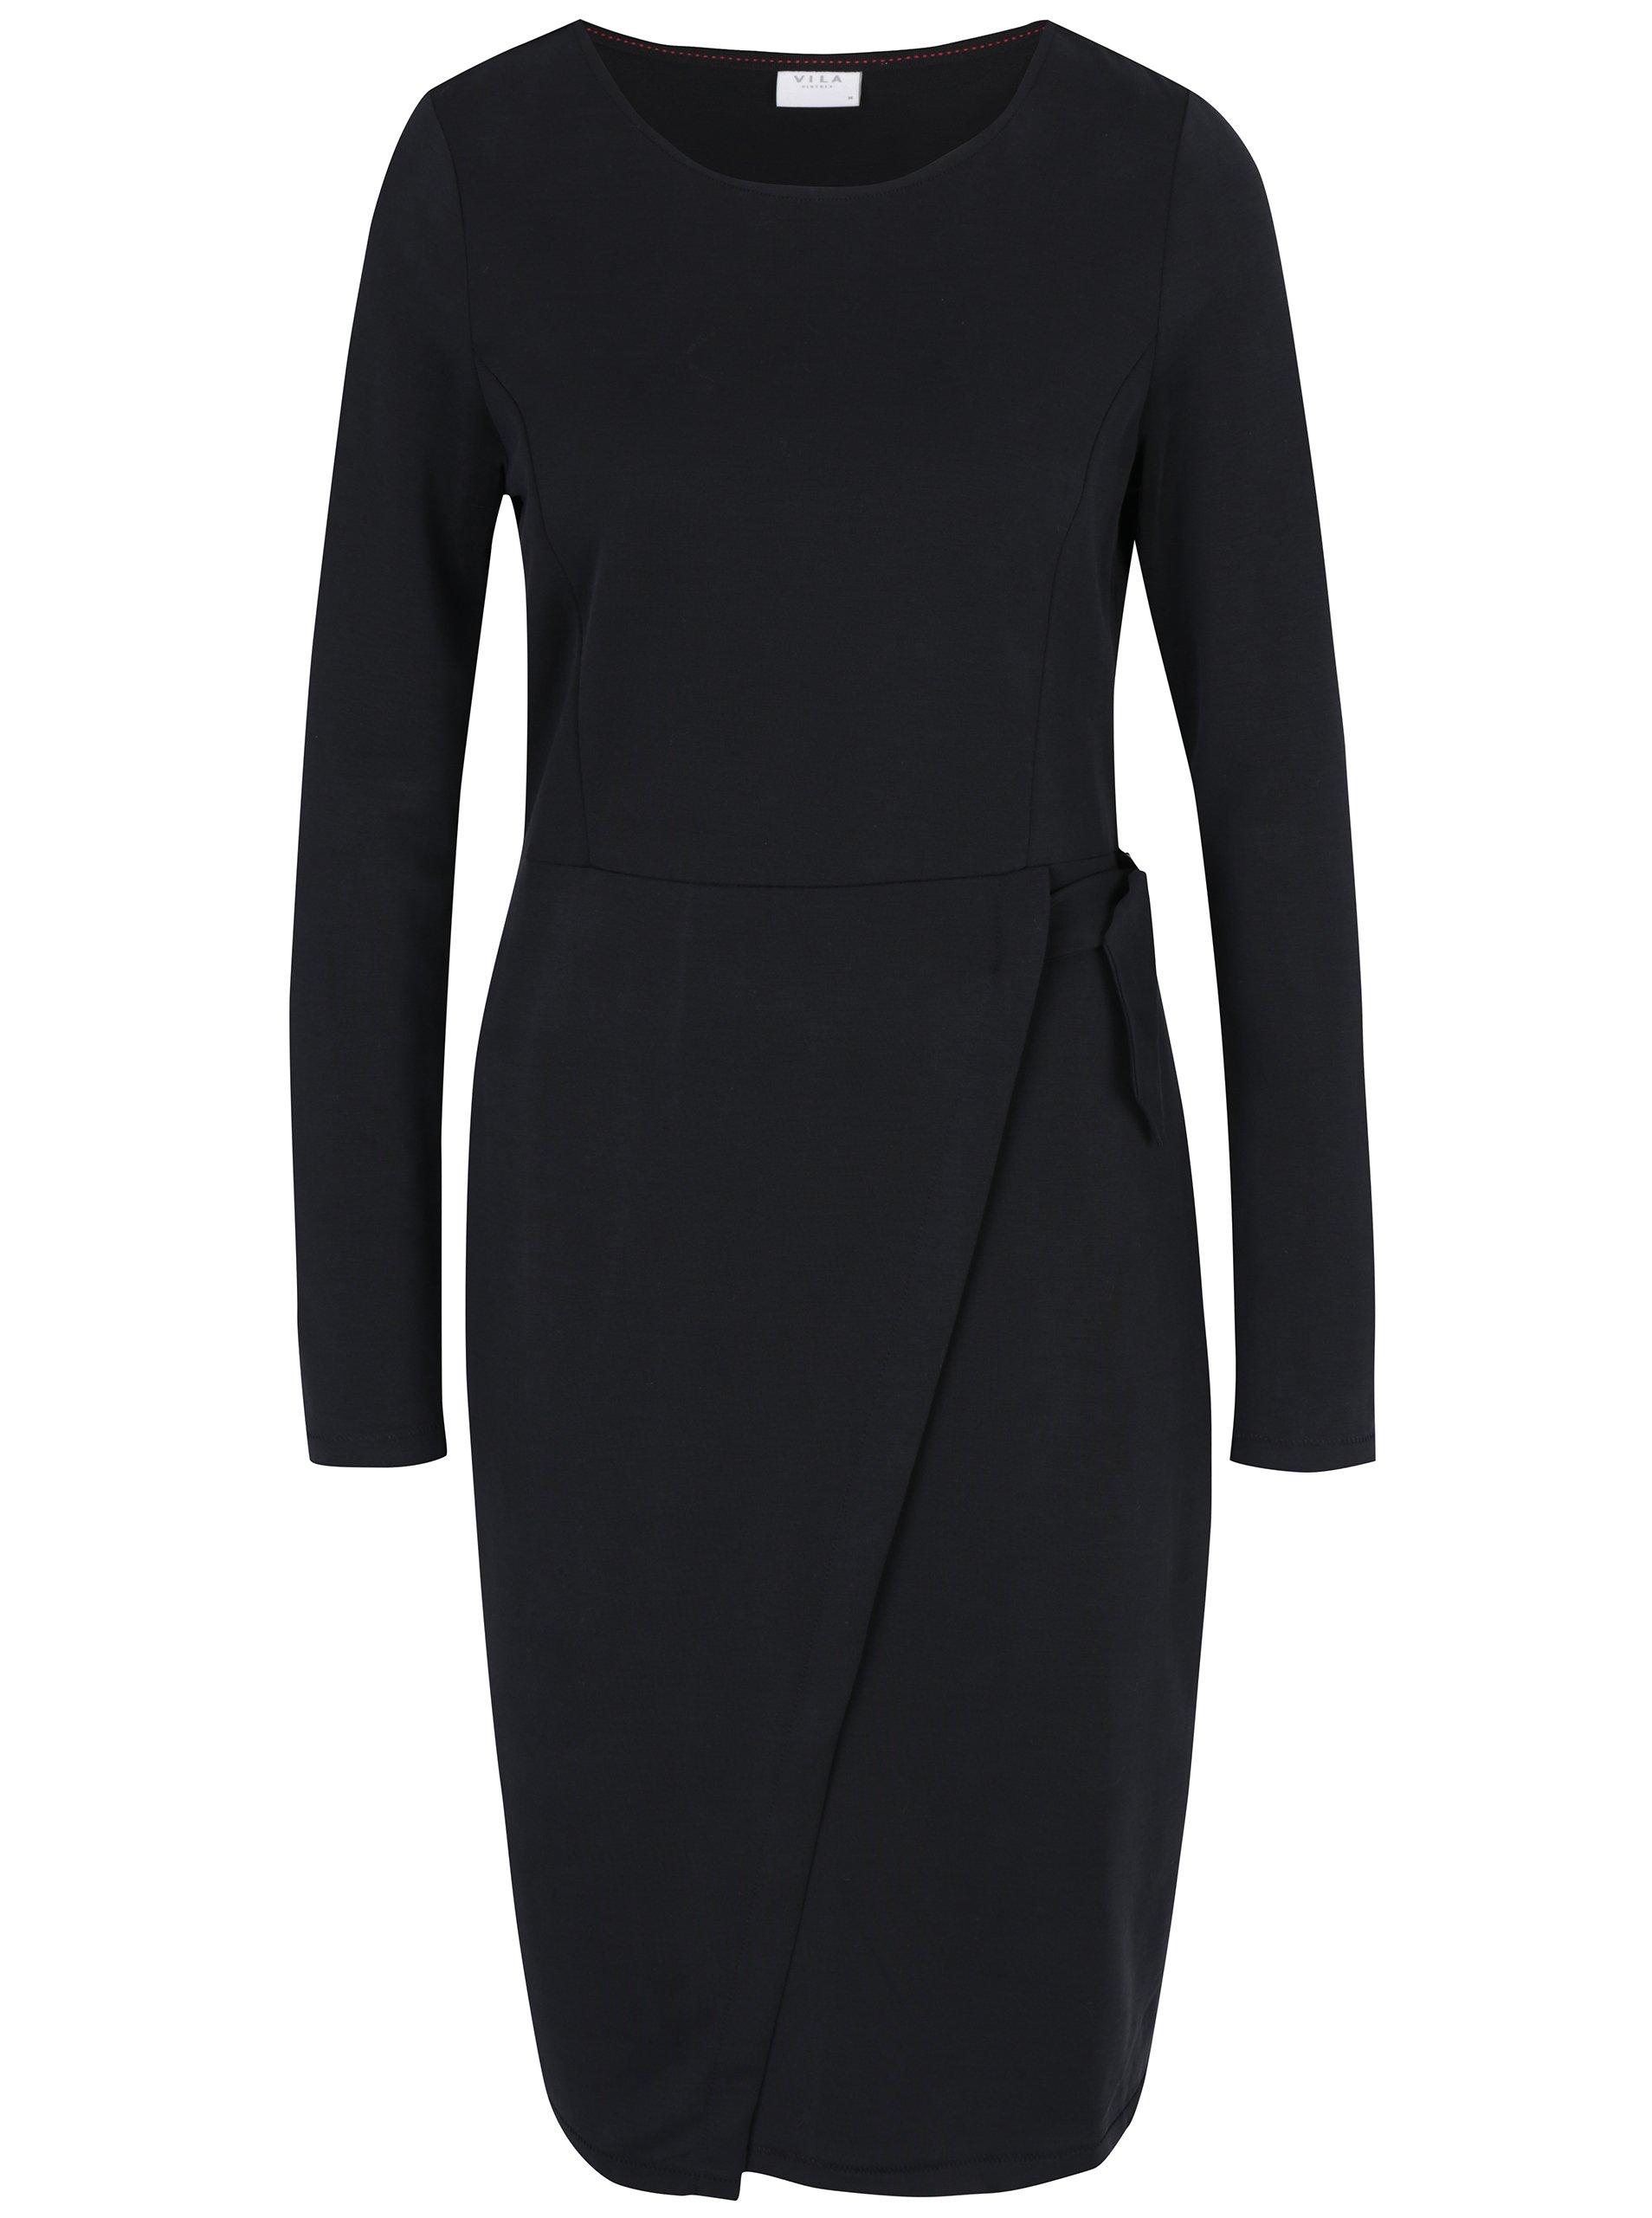 fde14c82b Čierne šaty s dlhým rukávom VILA Jamba | Moda.sk